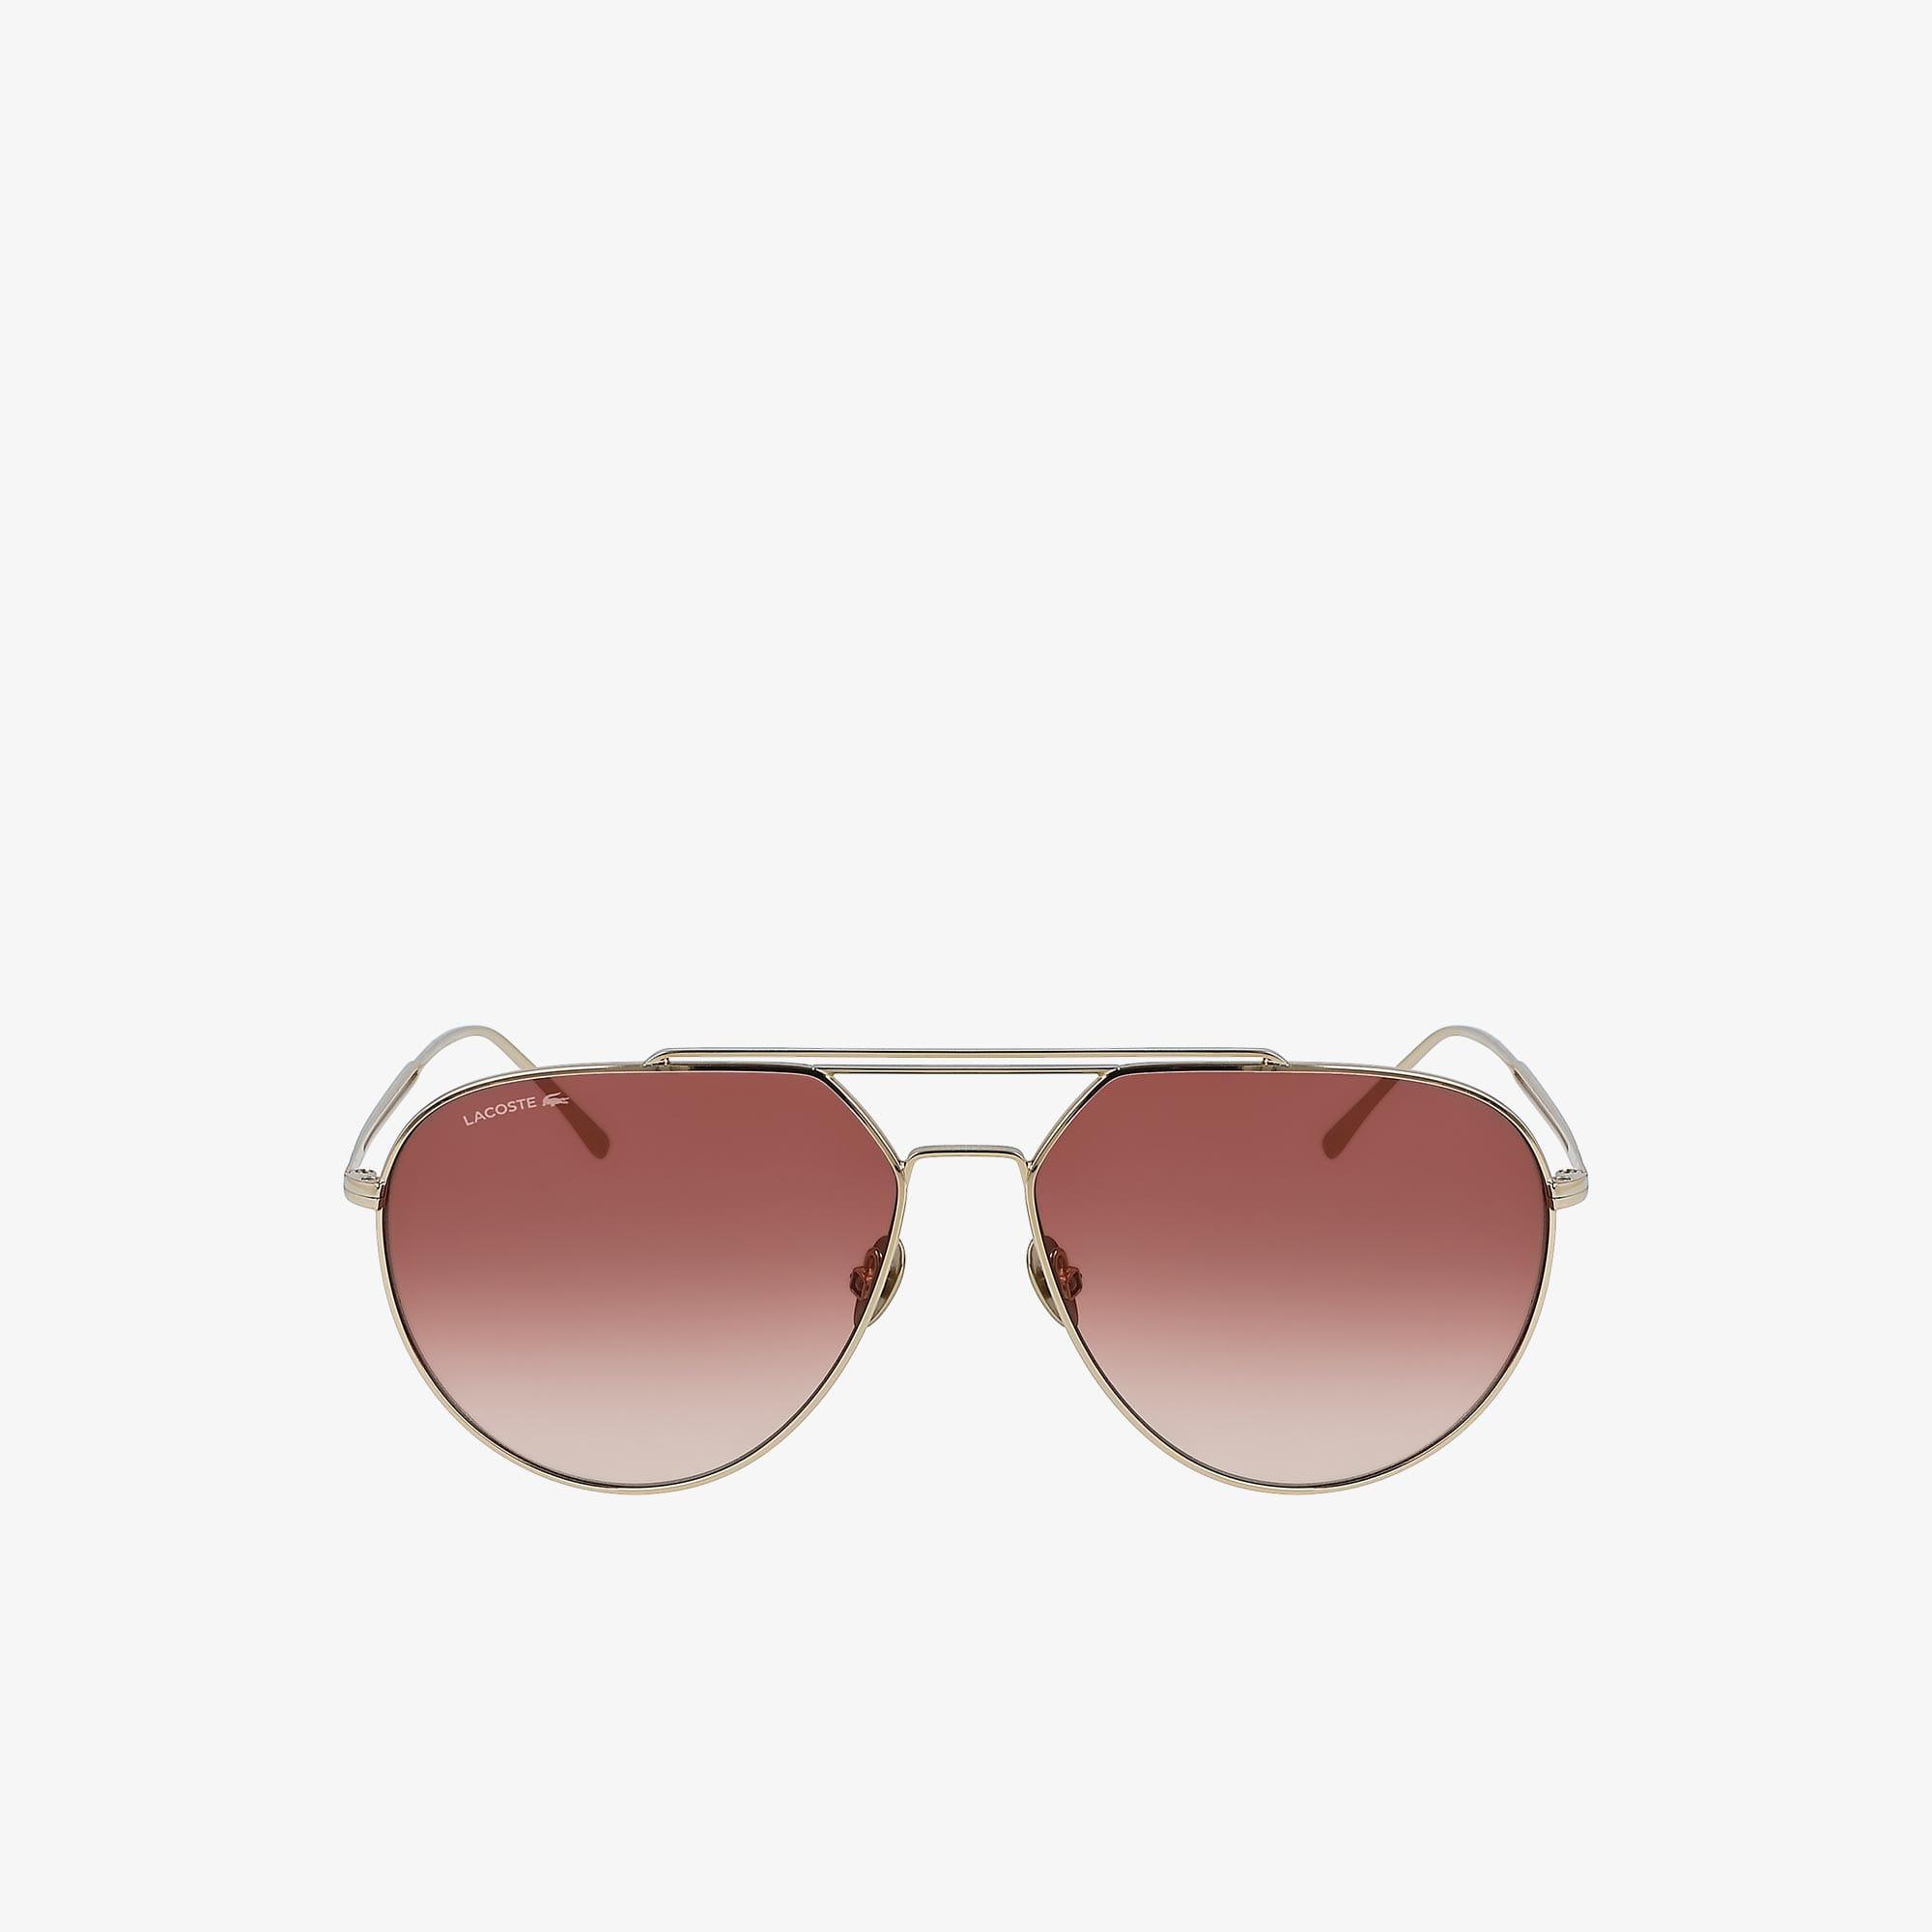 Paris Collection-Sonnenbrille mit Pilot-Metallrahmen